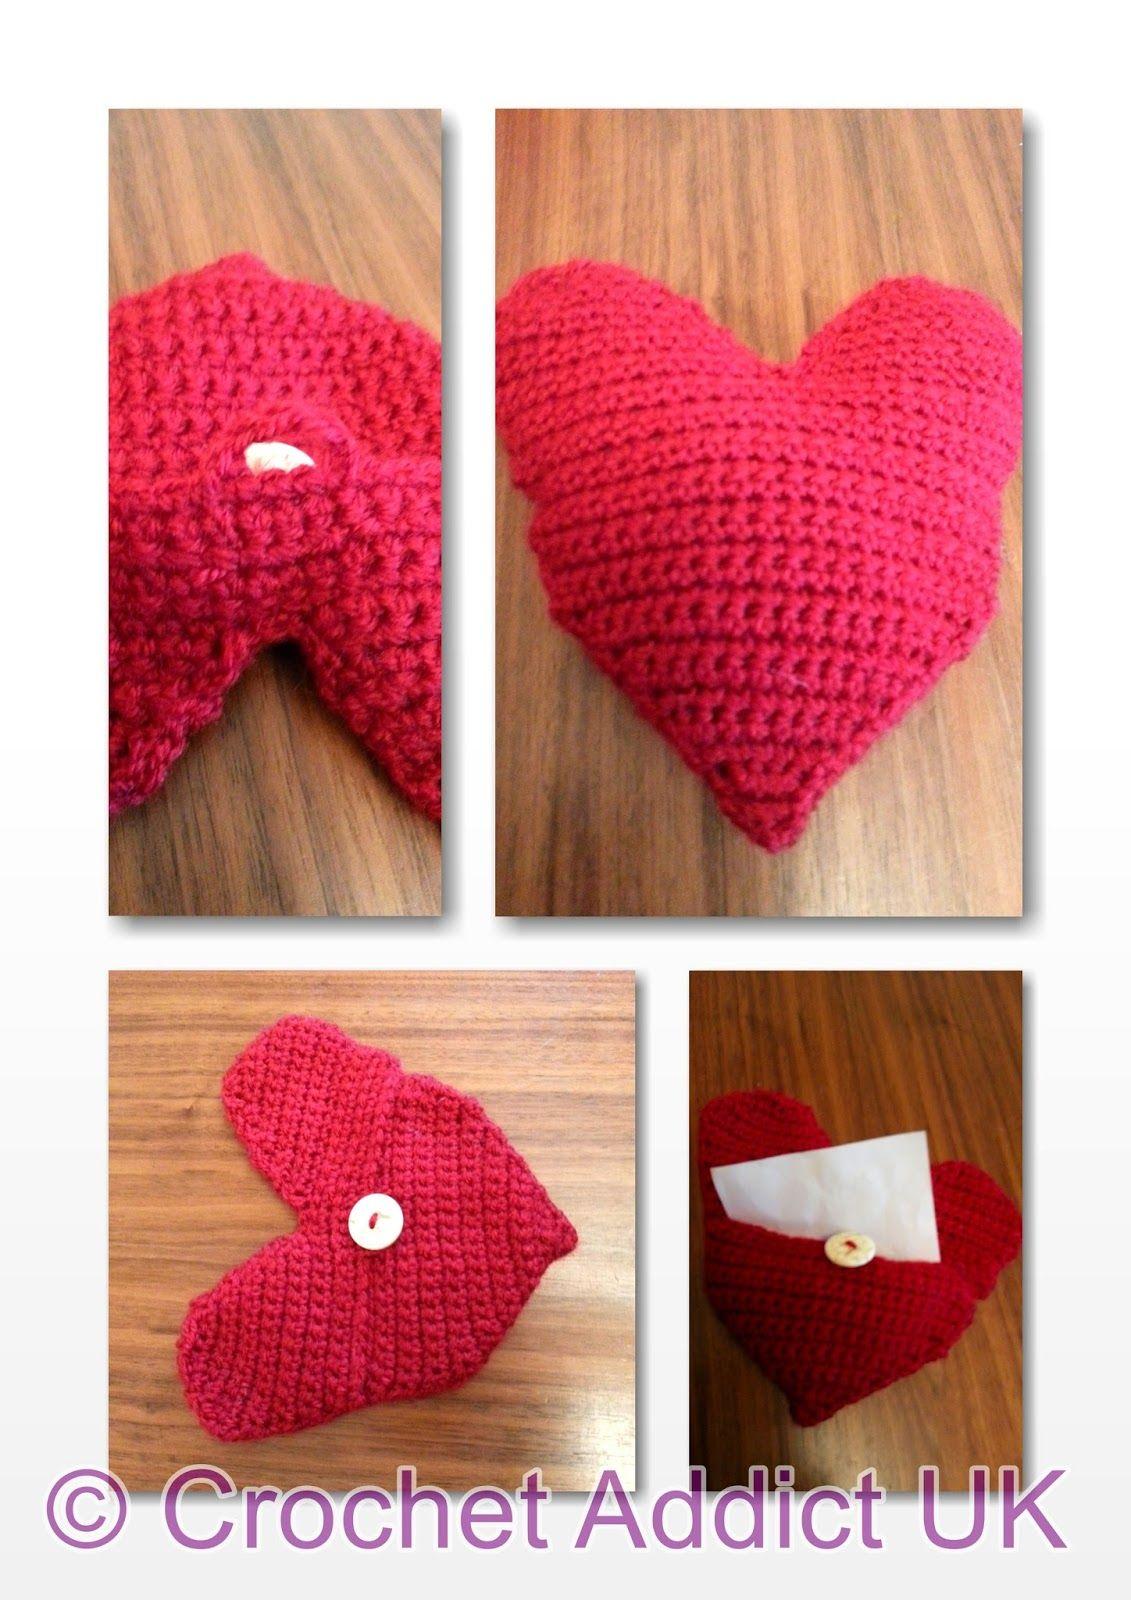 Free crochet pattern heart pillowenvelope handmade hearts free crochet pattern heart pillowenvelope handmade hearts pattern in us terms bankloansurffo Gallery